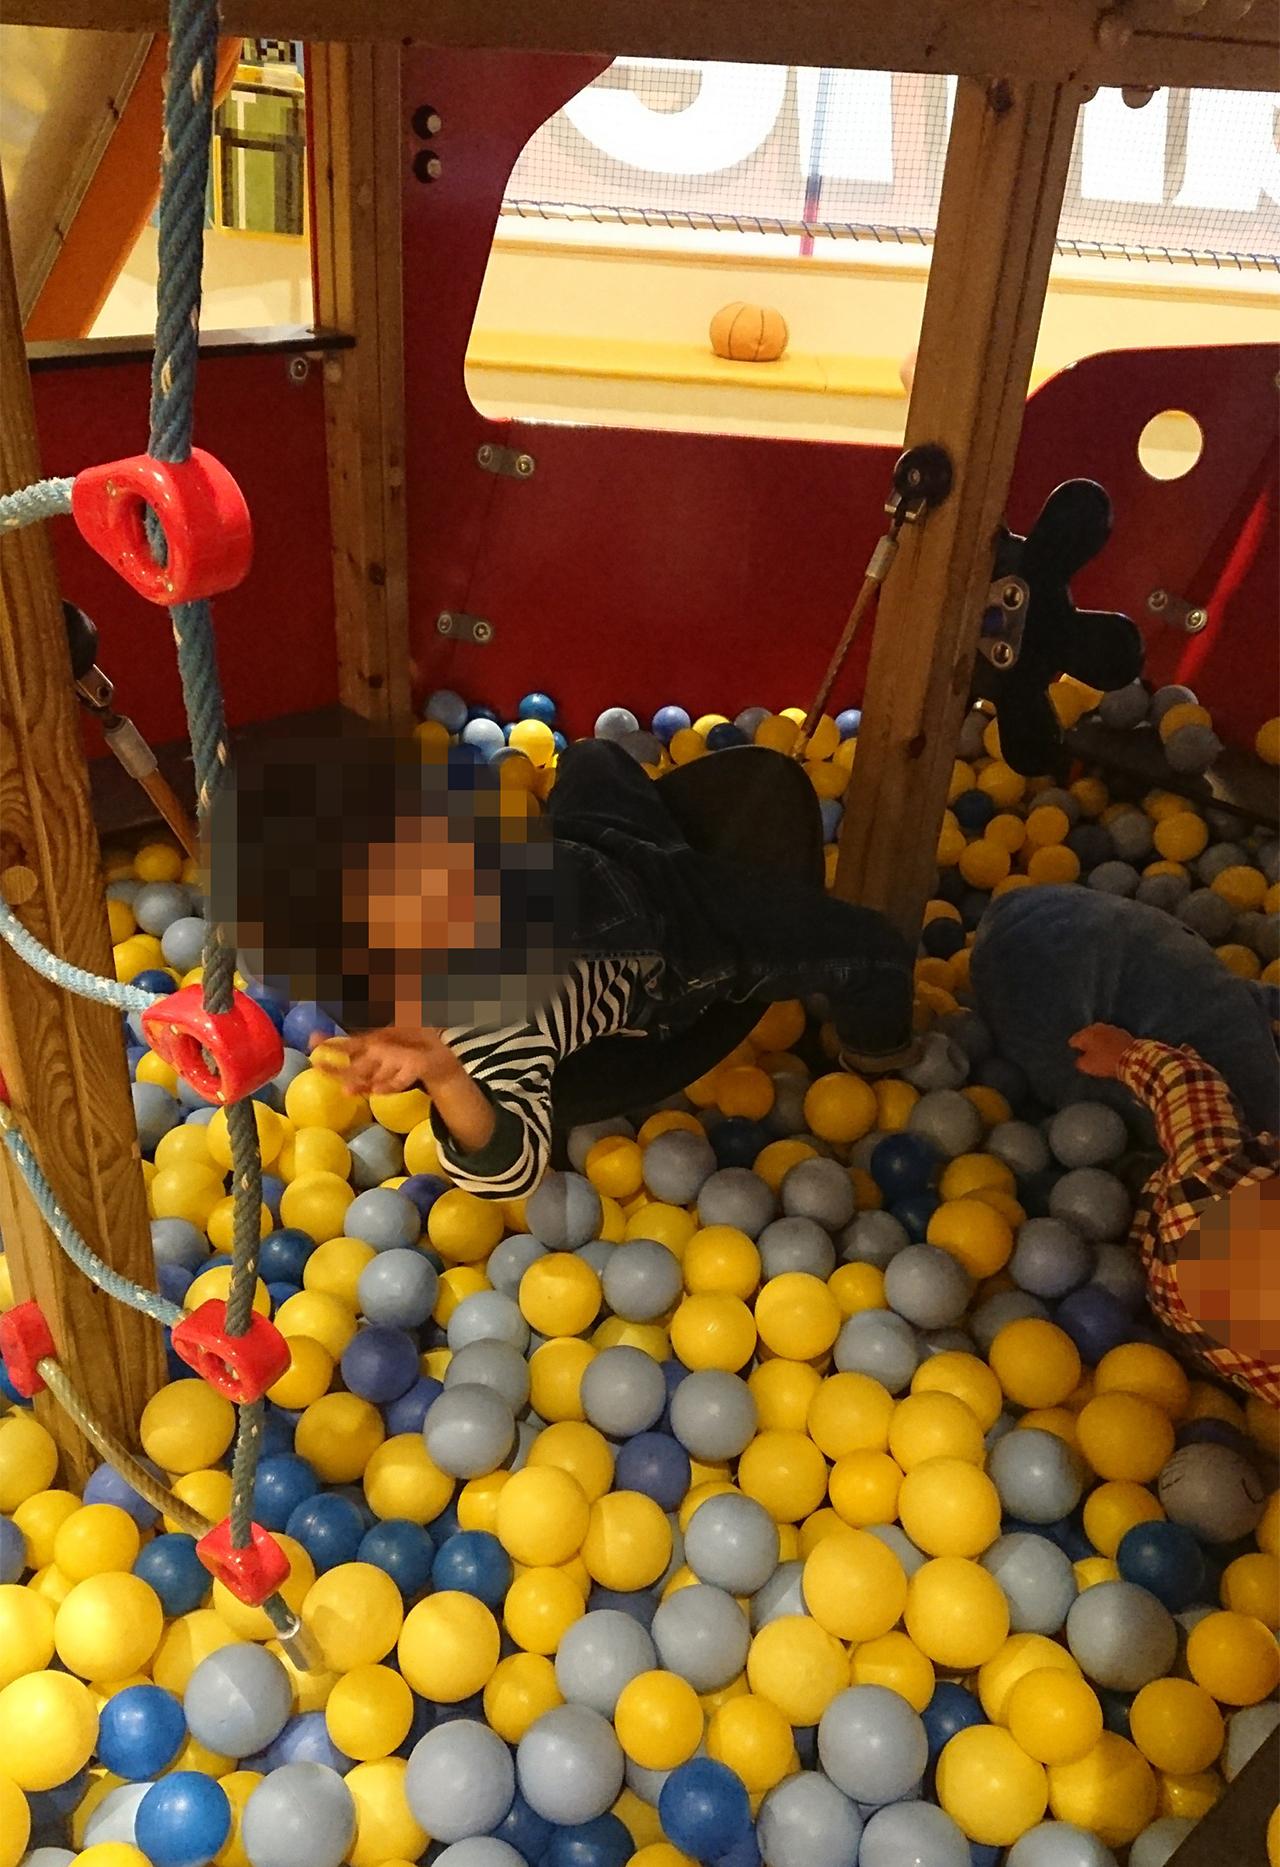 ハンモックで遊ぶ子供の写真